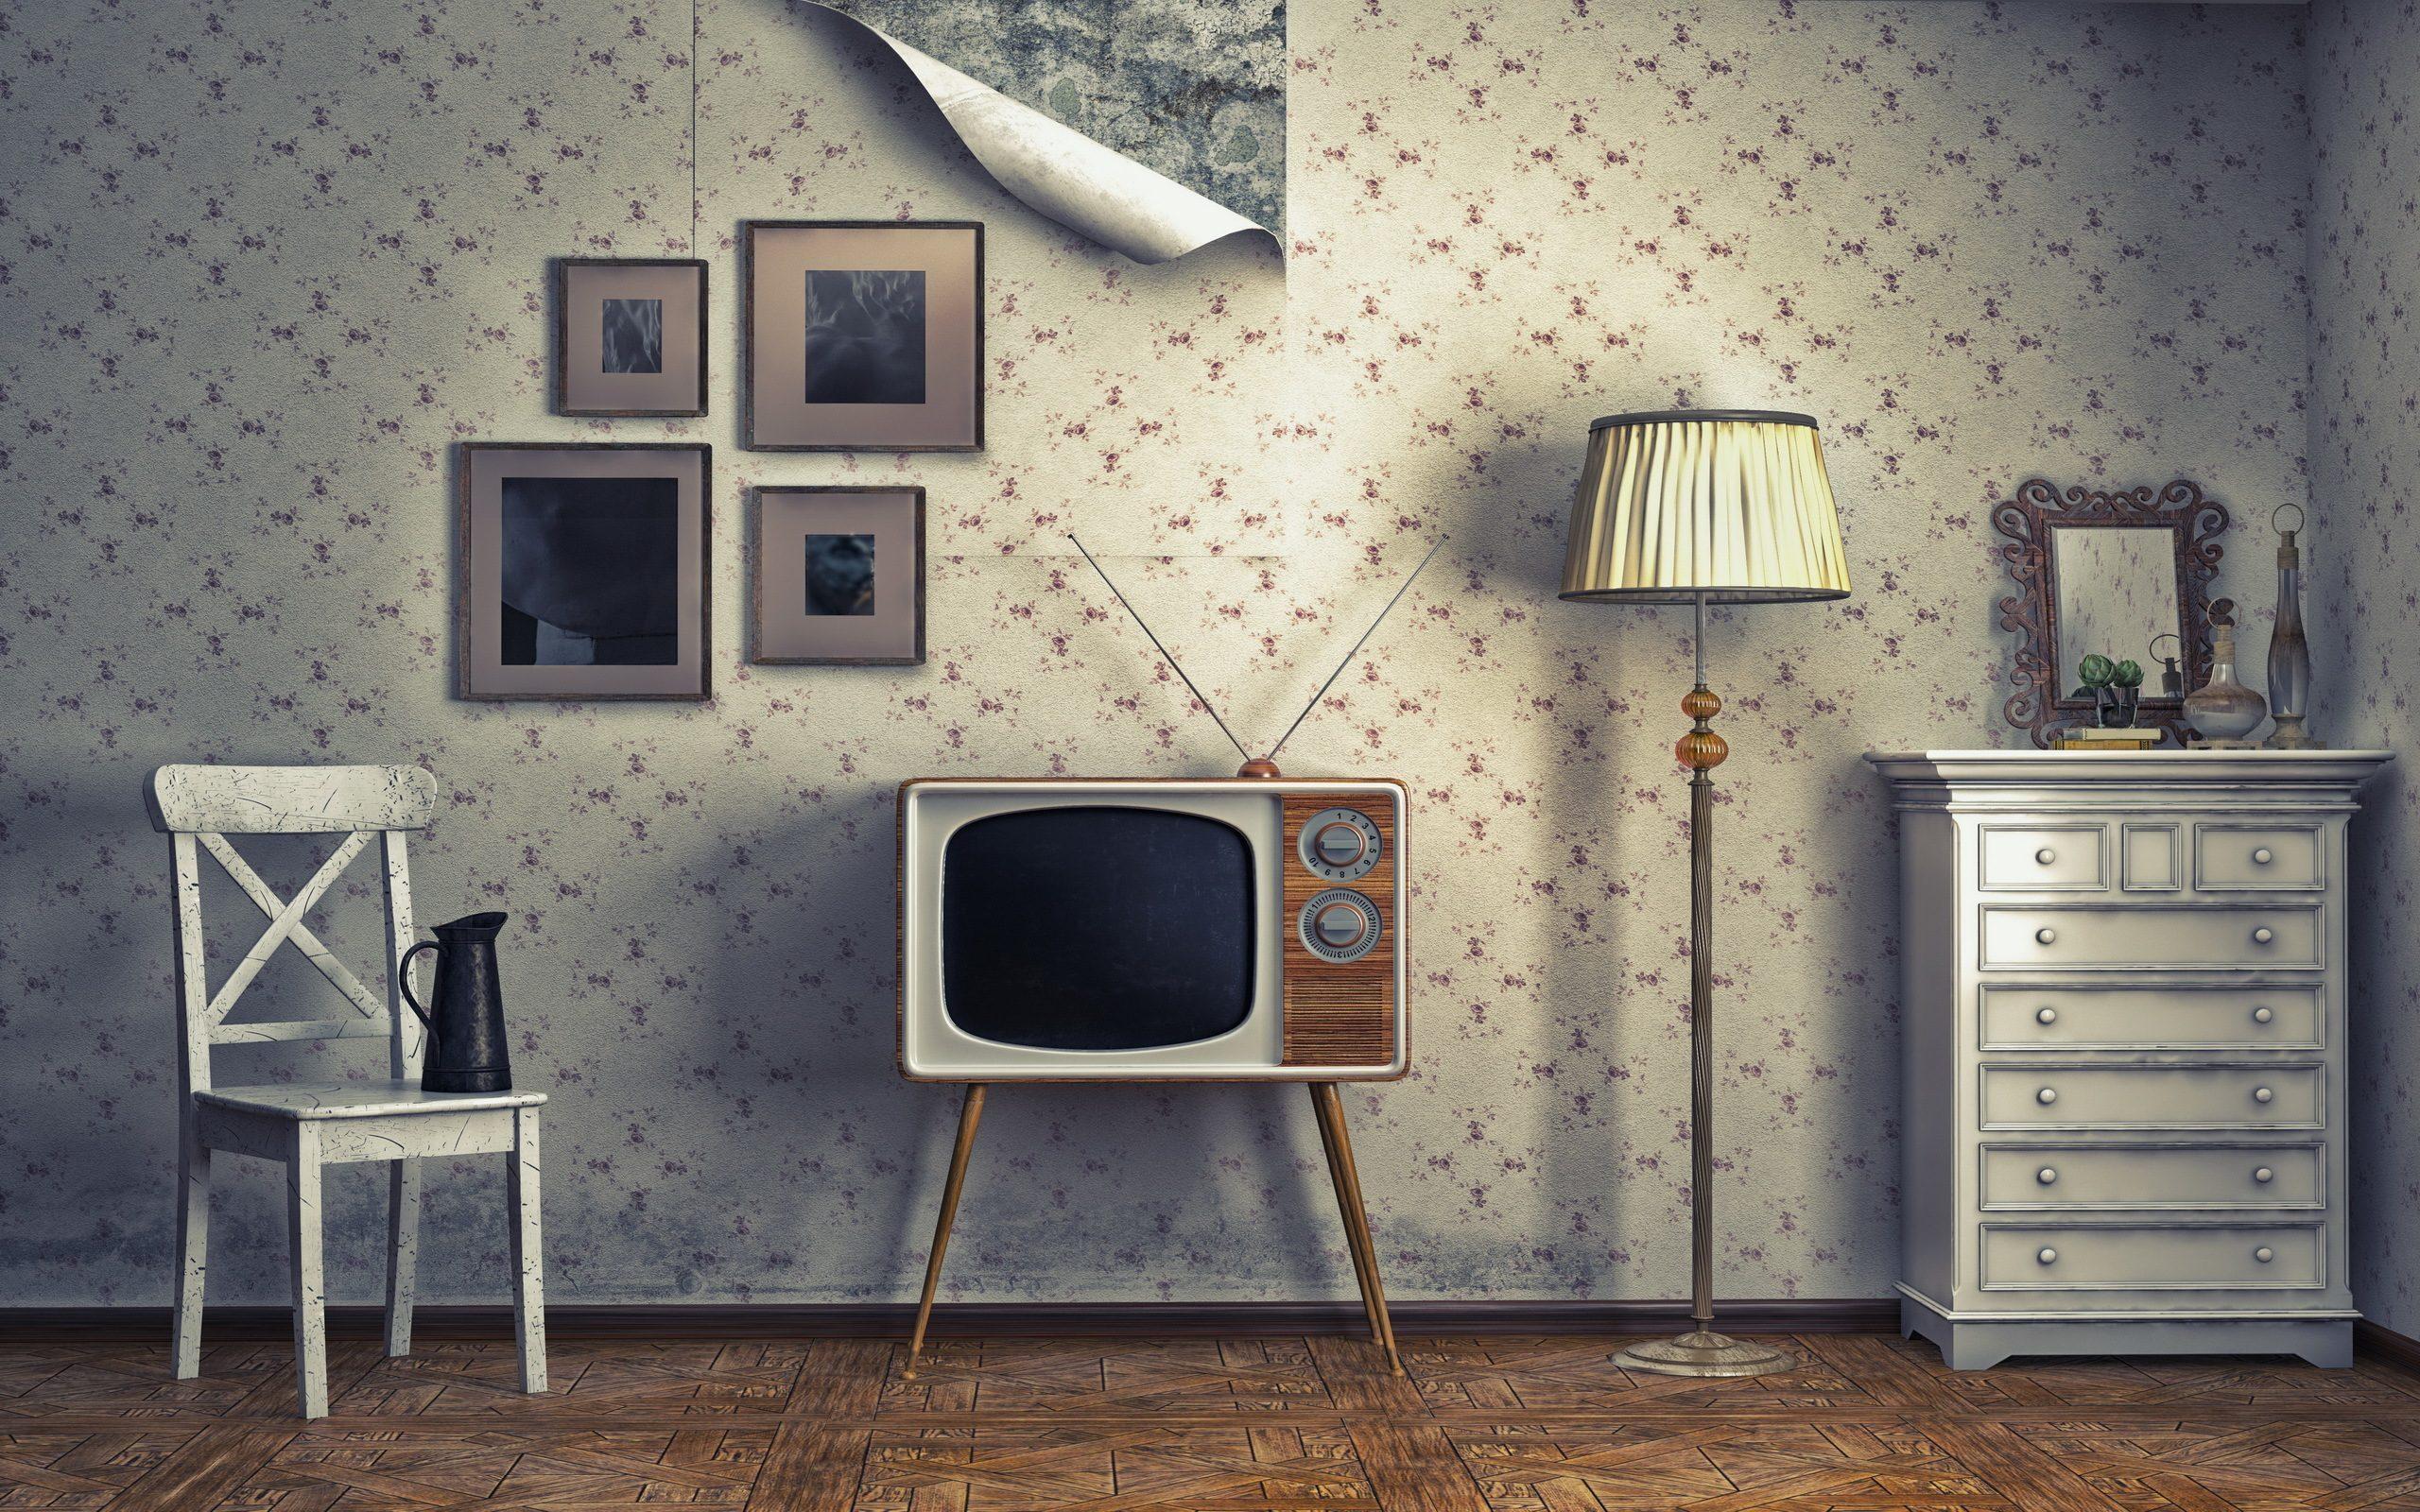 preturi-publicitateTV